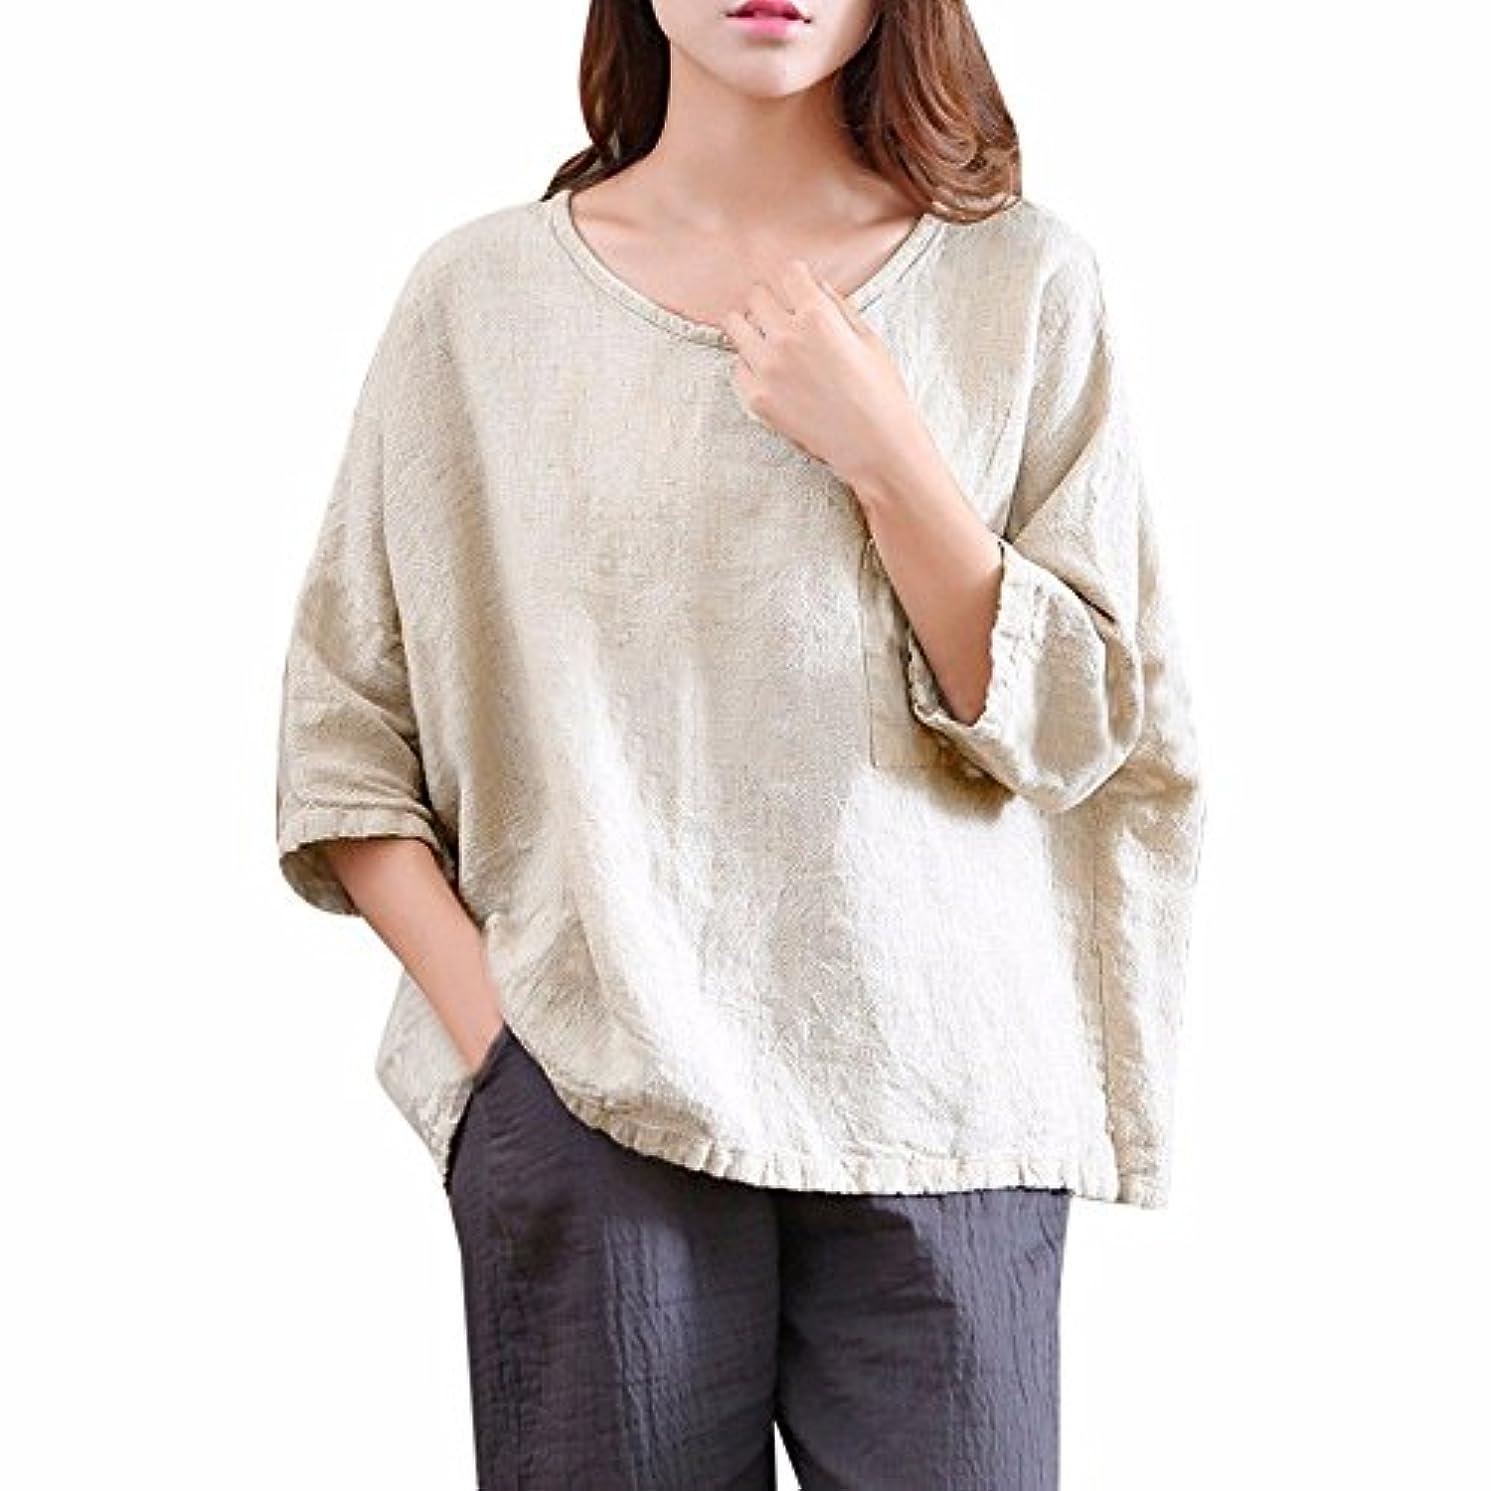 レディース tシャツ 欧米風 麻 半袖 純色 大きなサイズ 新着 半袖 シャツ 無地 ゆったり 大きいサイズ すがすがしい スポーツ YOKINO